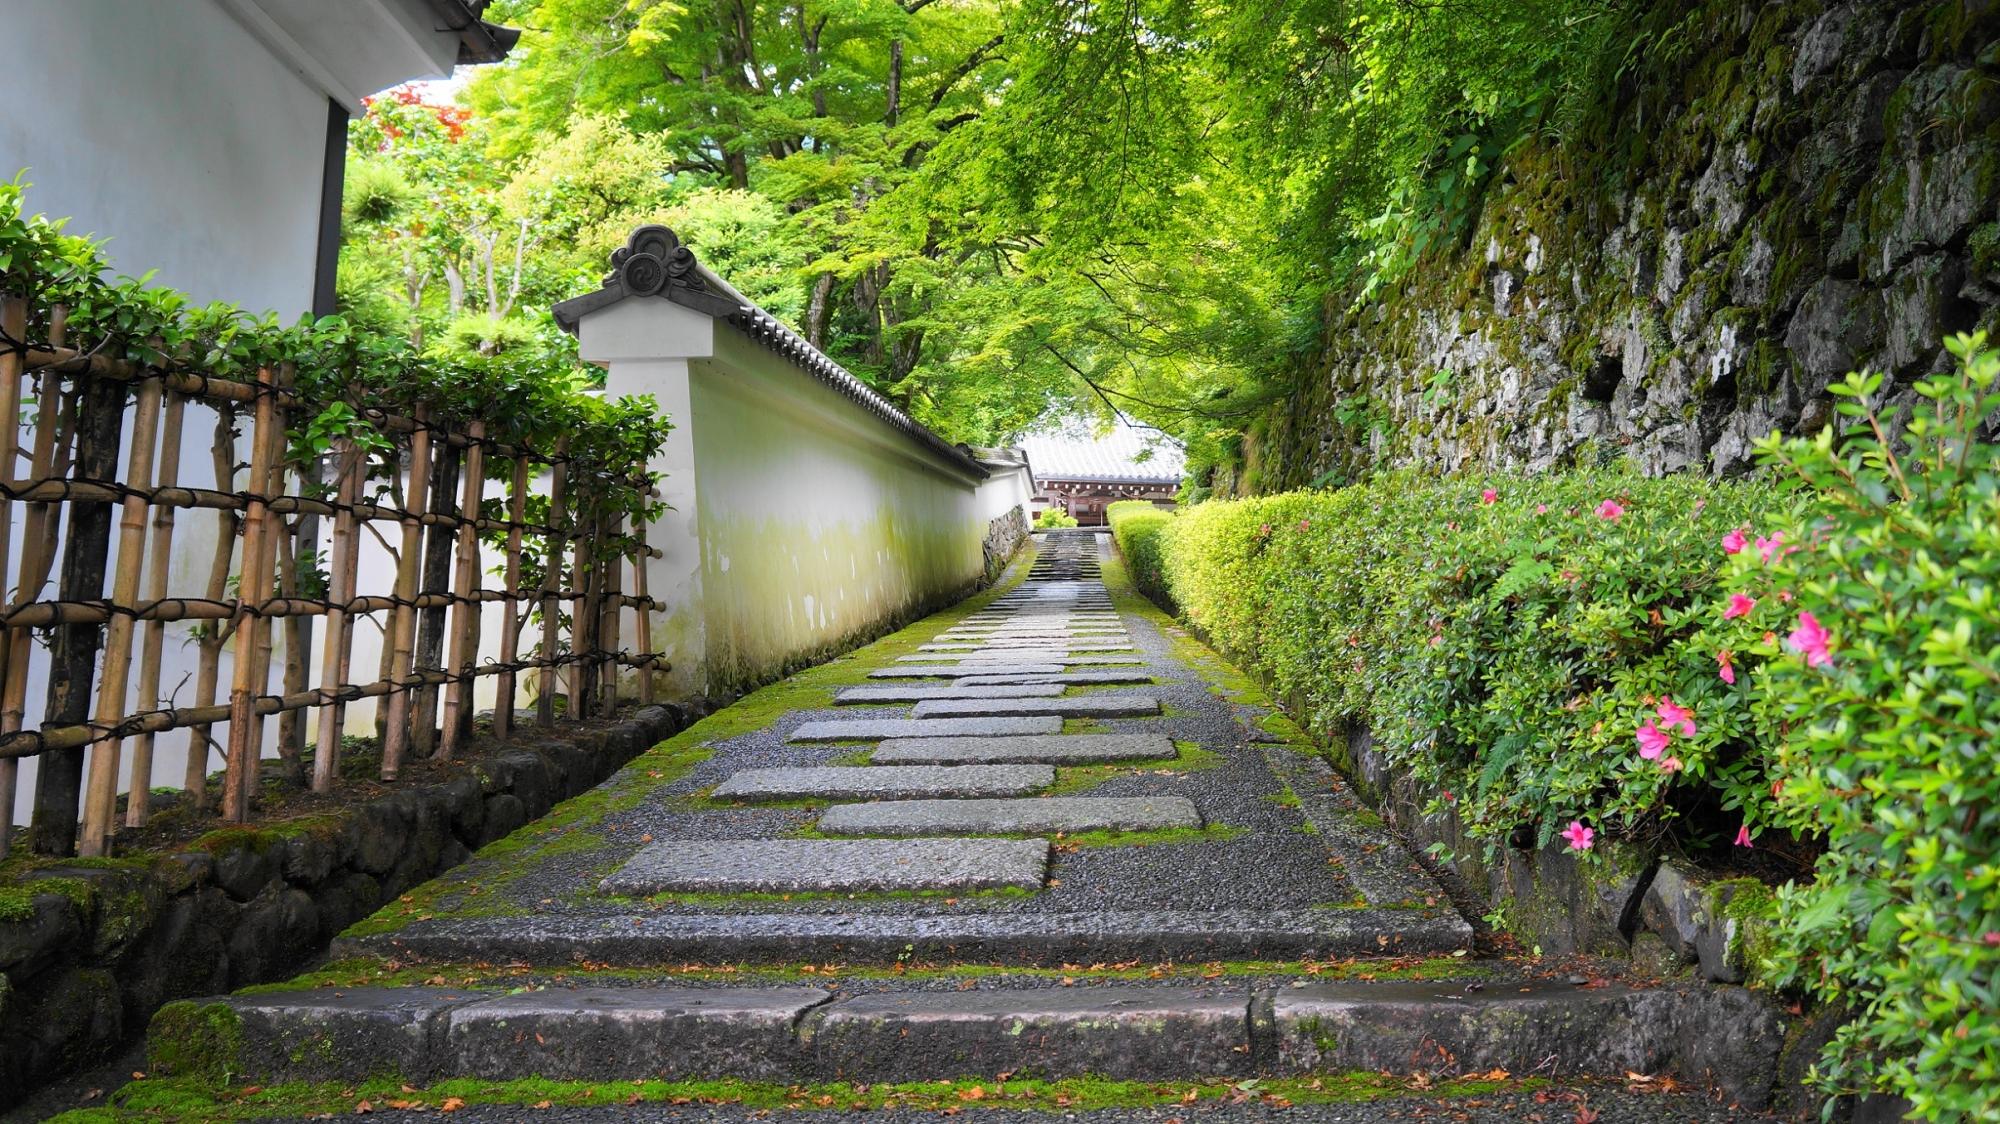 善峯寺の阿弥陀堂前のゆるい坂の風情ある新緑の風景